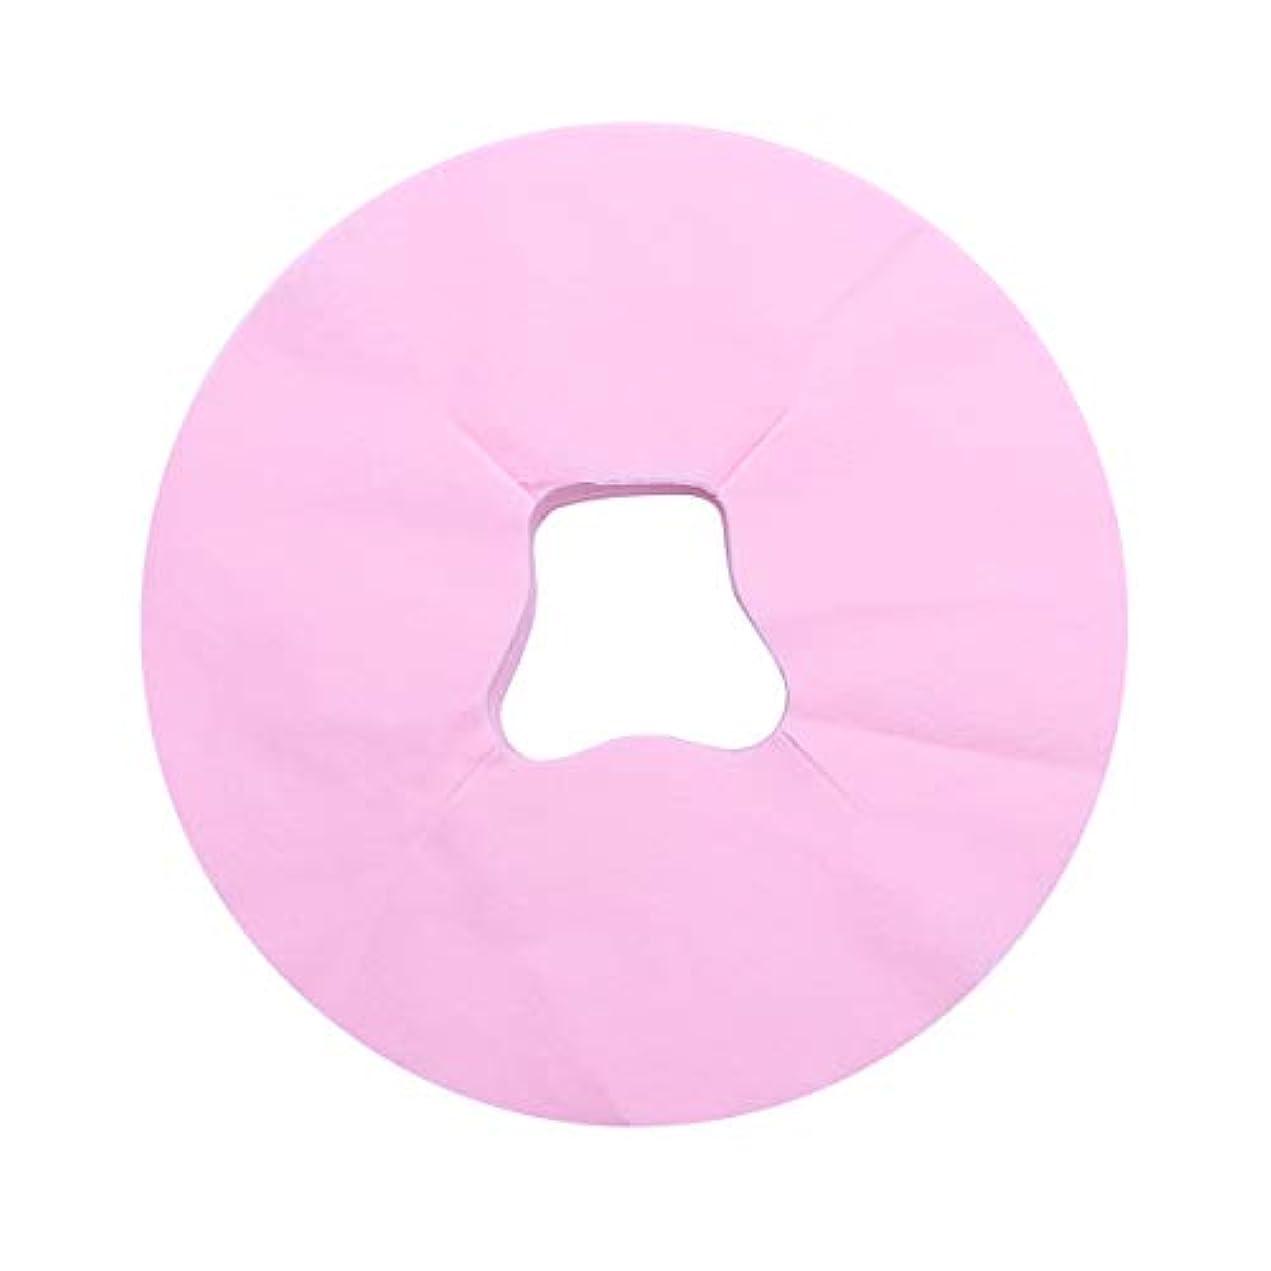 連帯税金不忠SUPVOX 100ピース使い捨てフェイスカバーパッドマッサージフェイスピローカバーフェイシャルベッドサロンスパヘッドレストピローシート(ピンク)